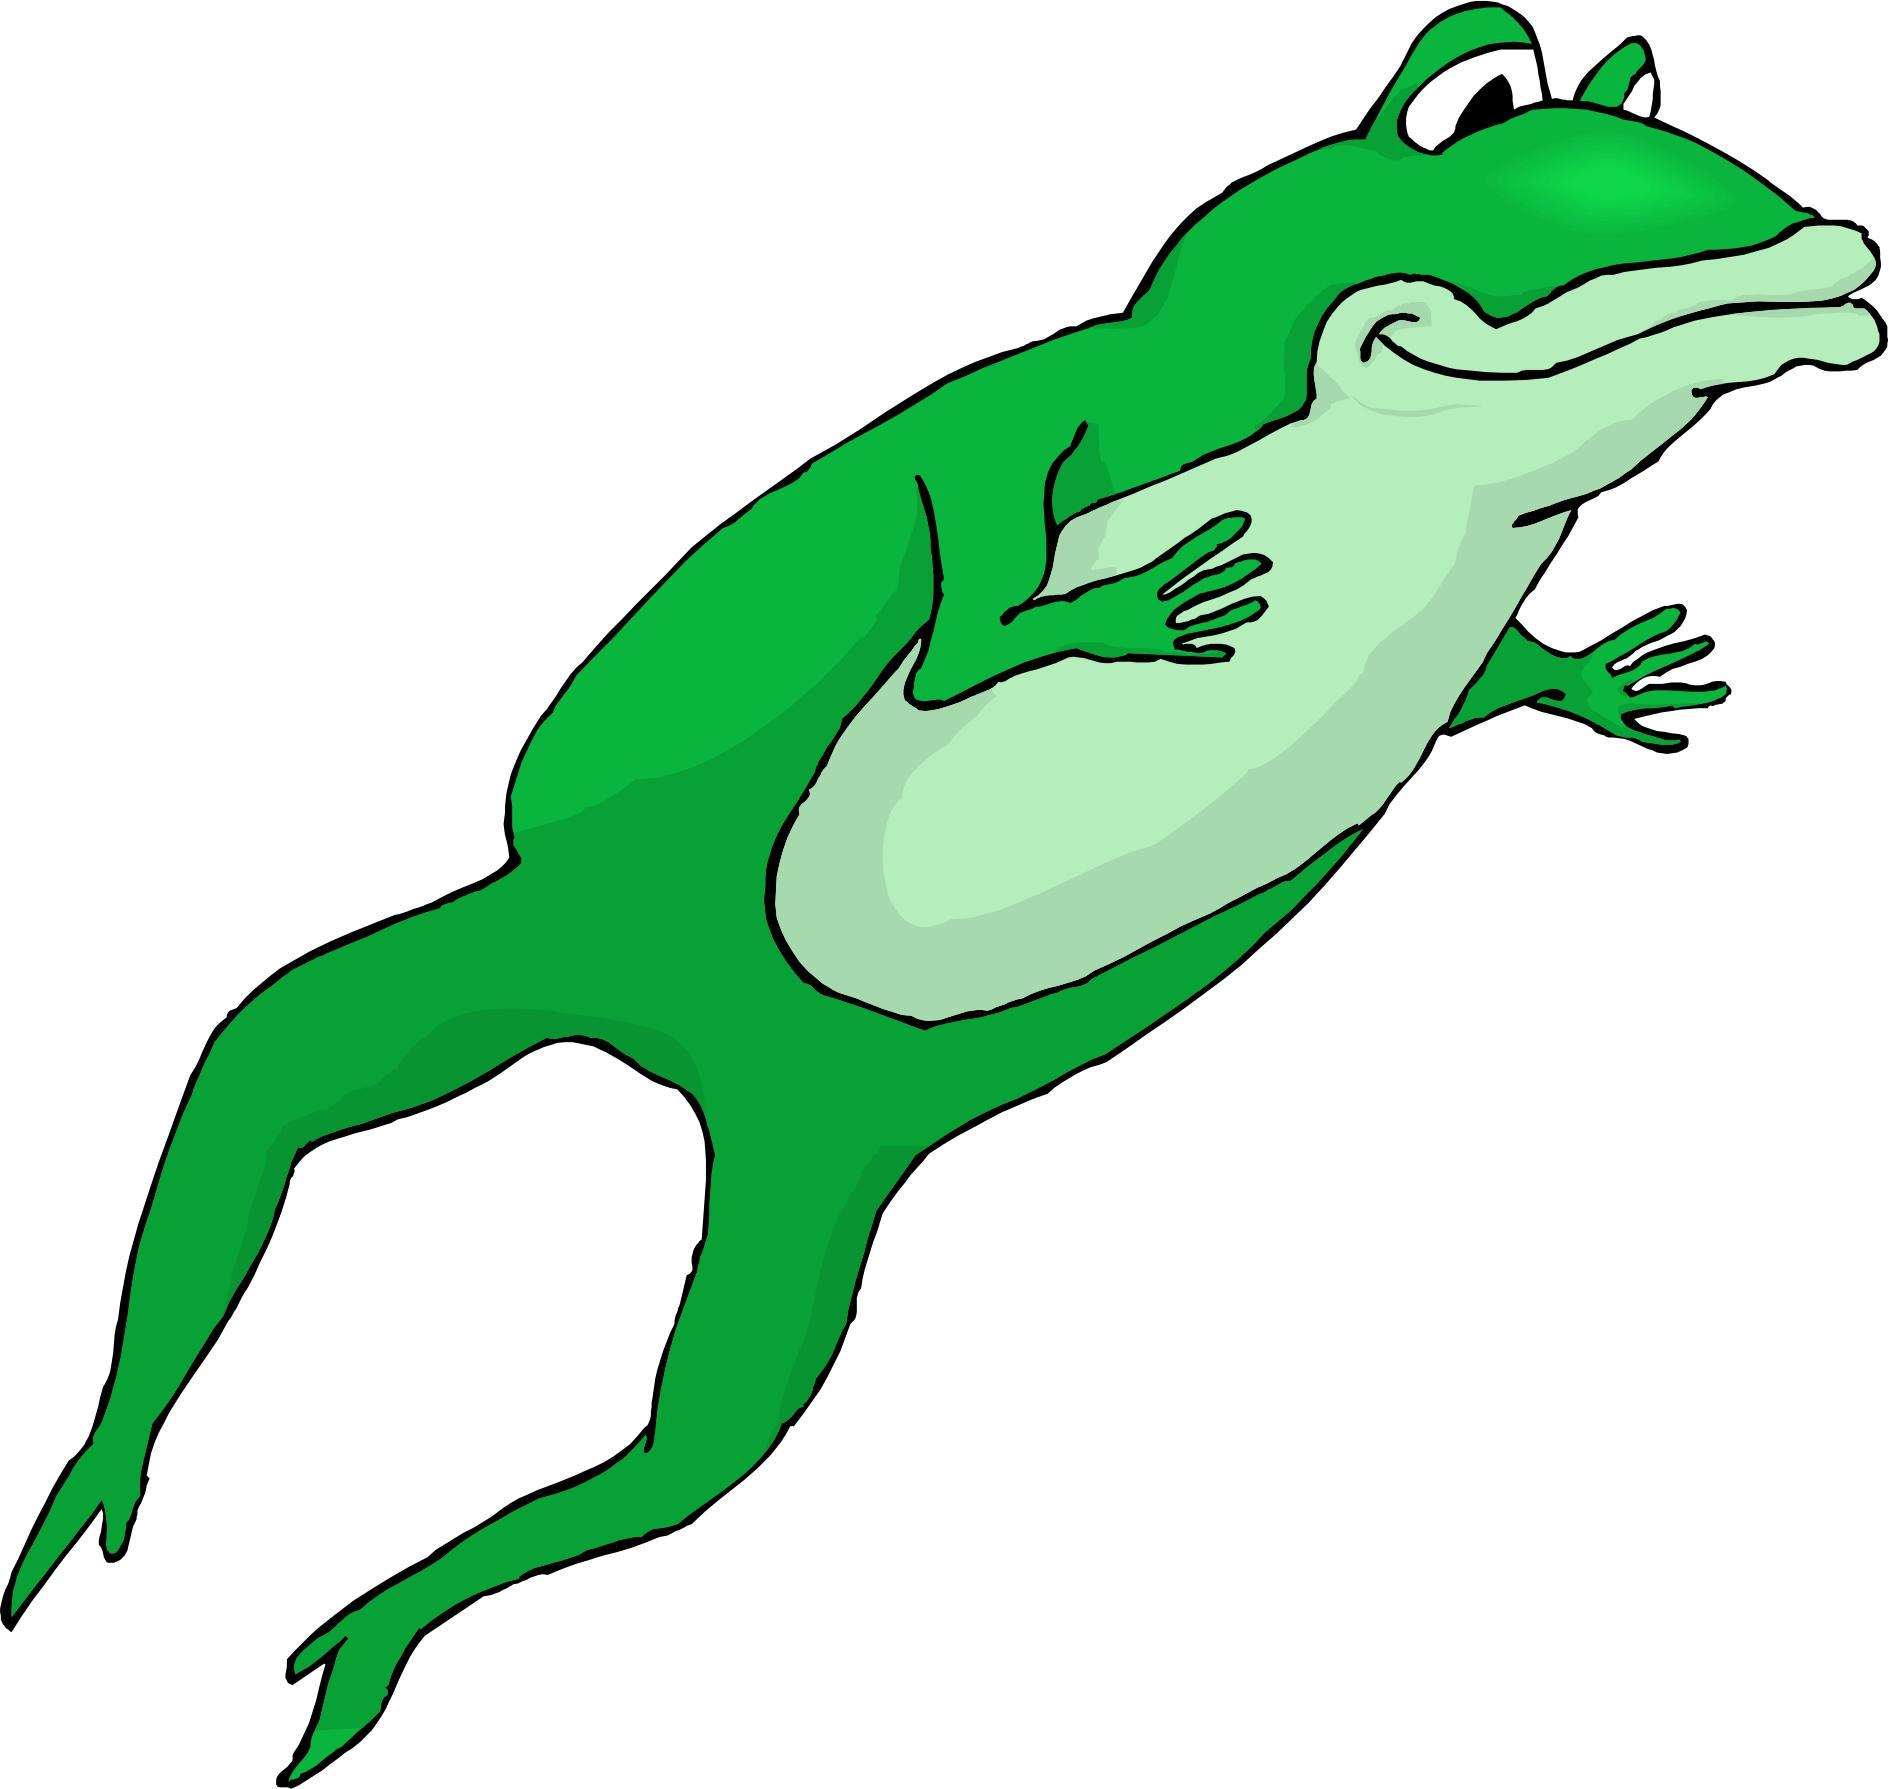 1889x1789 Frog Cartoon Pictures